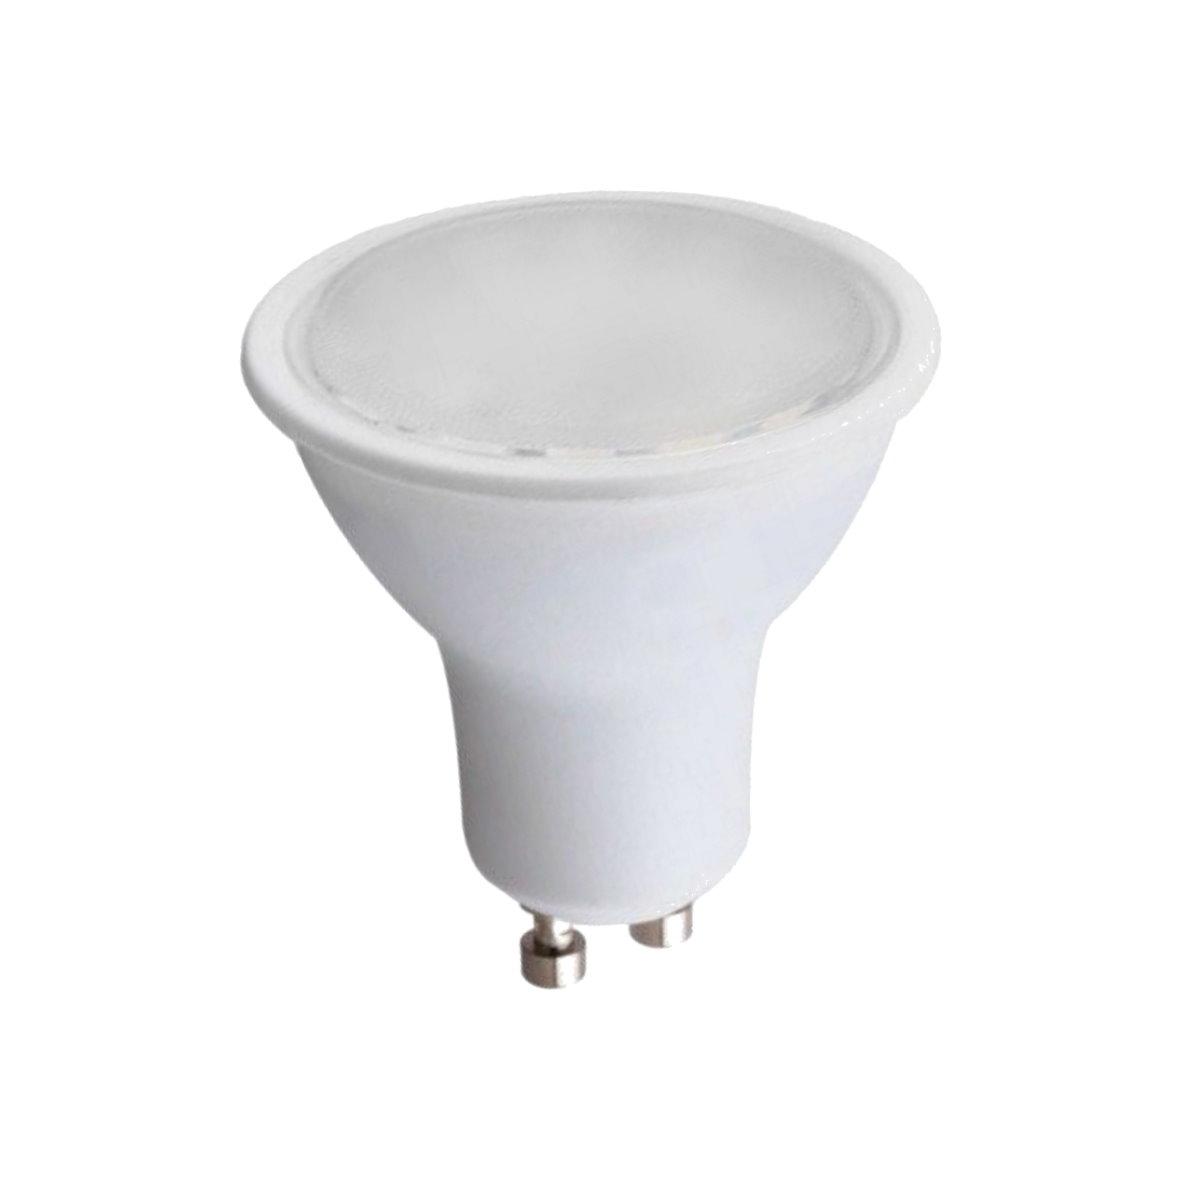 smd led spot gu10 epistar 230v leuchtmittel mr16 reflektor strahler 400 lumen 4w ebay. Black Bedroom Furniture Sets. Home Design Ideas